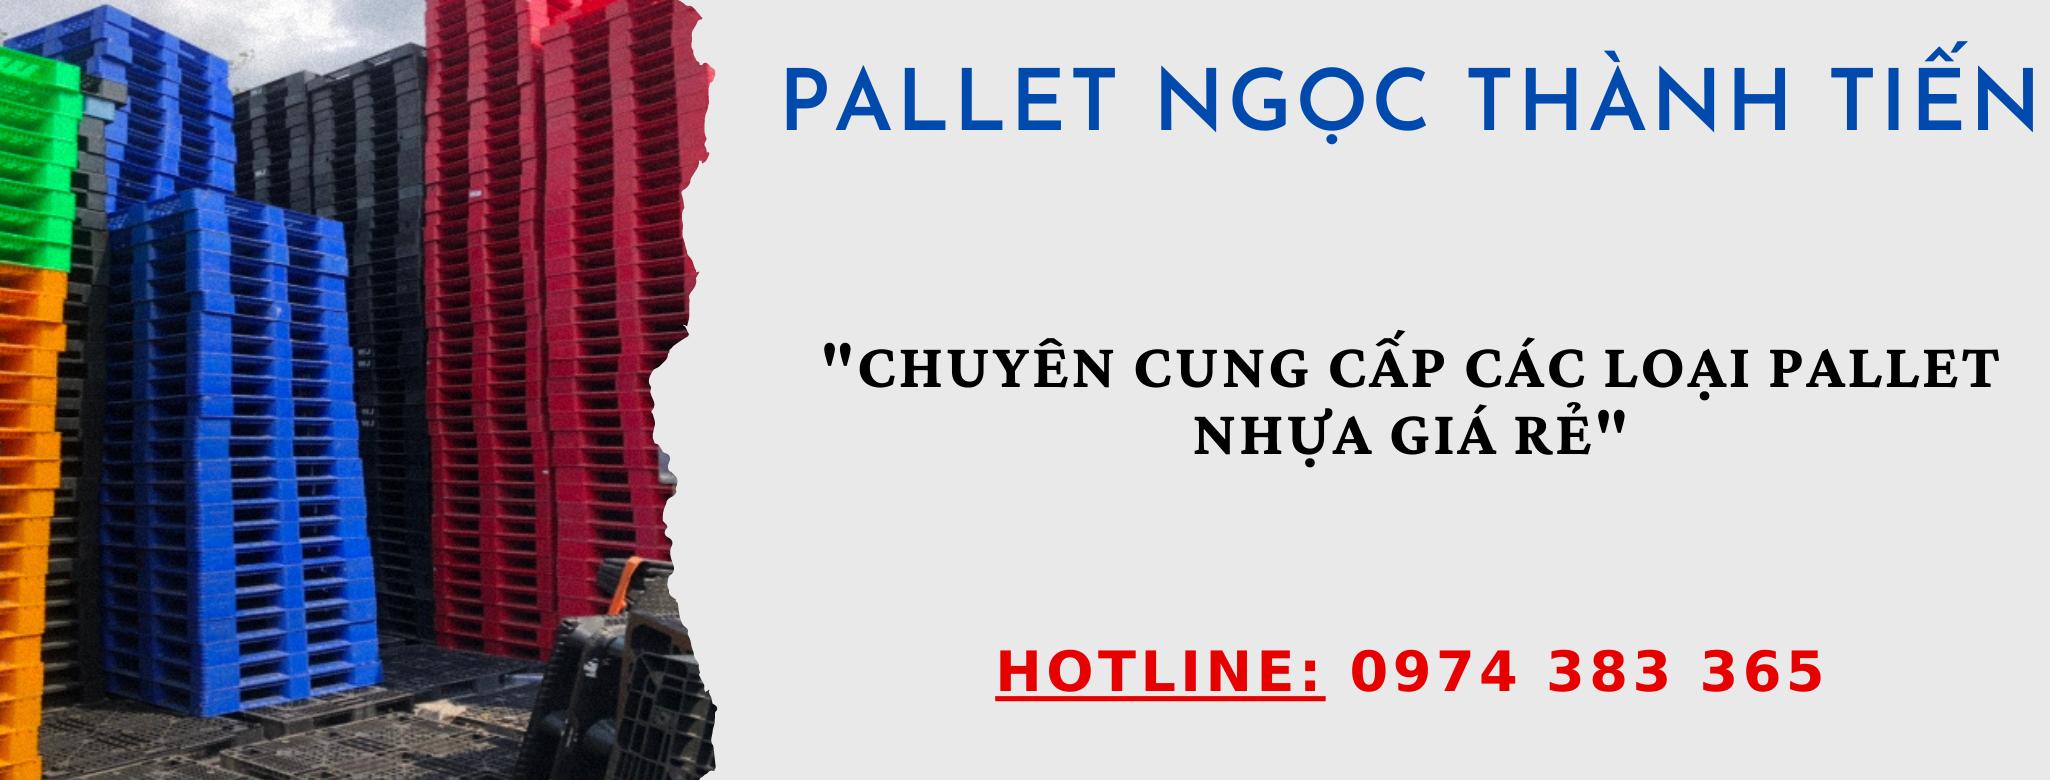 Gọi ngay 0974383365 để được tư vấn các loại pallet nhựa giá rẻ